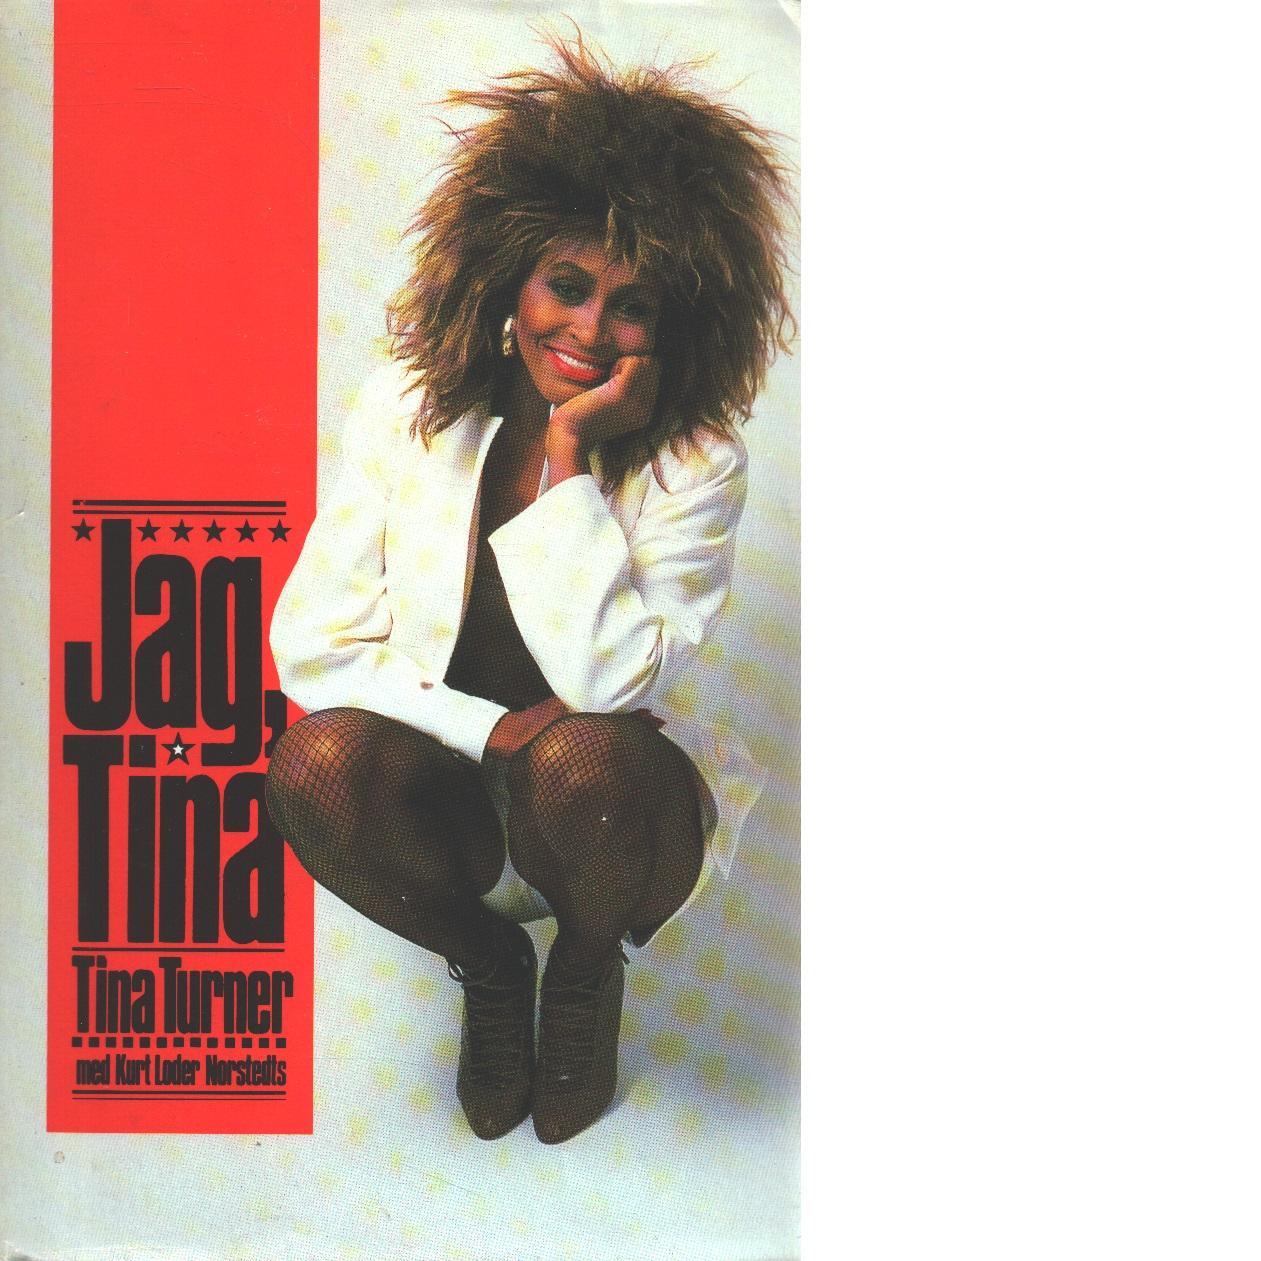 Jag, Tina / Tina Turner - Turner, Tina